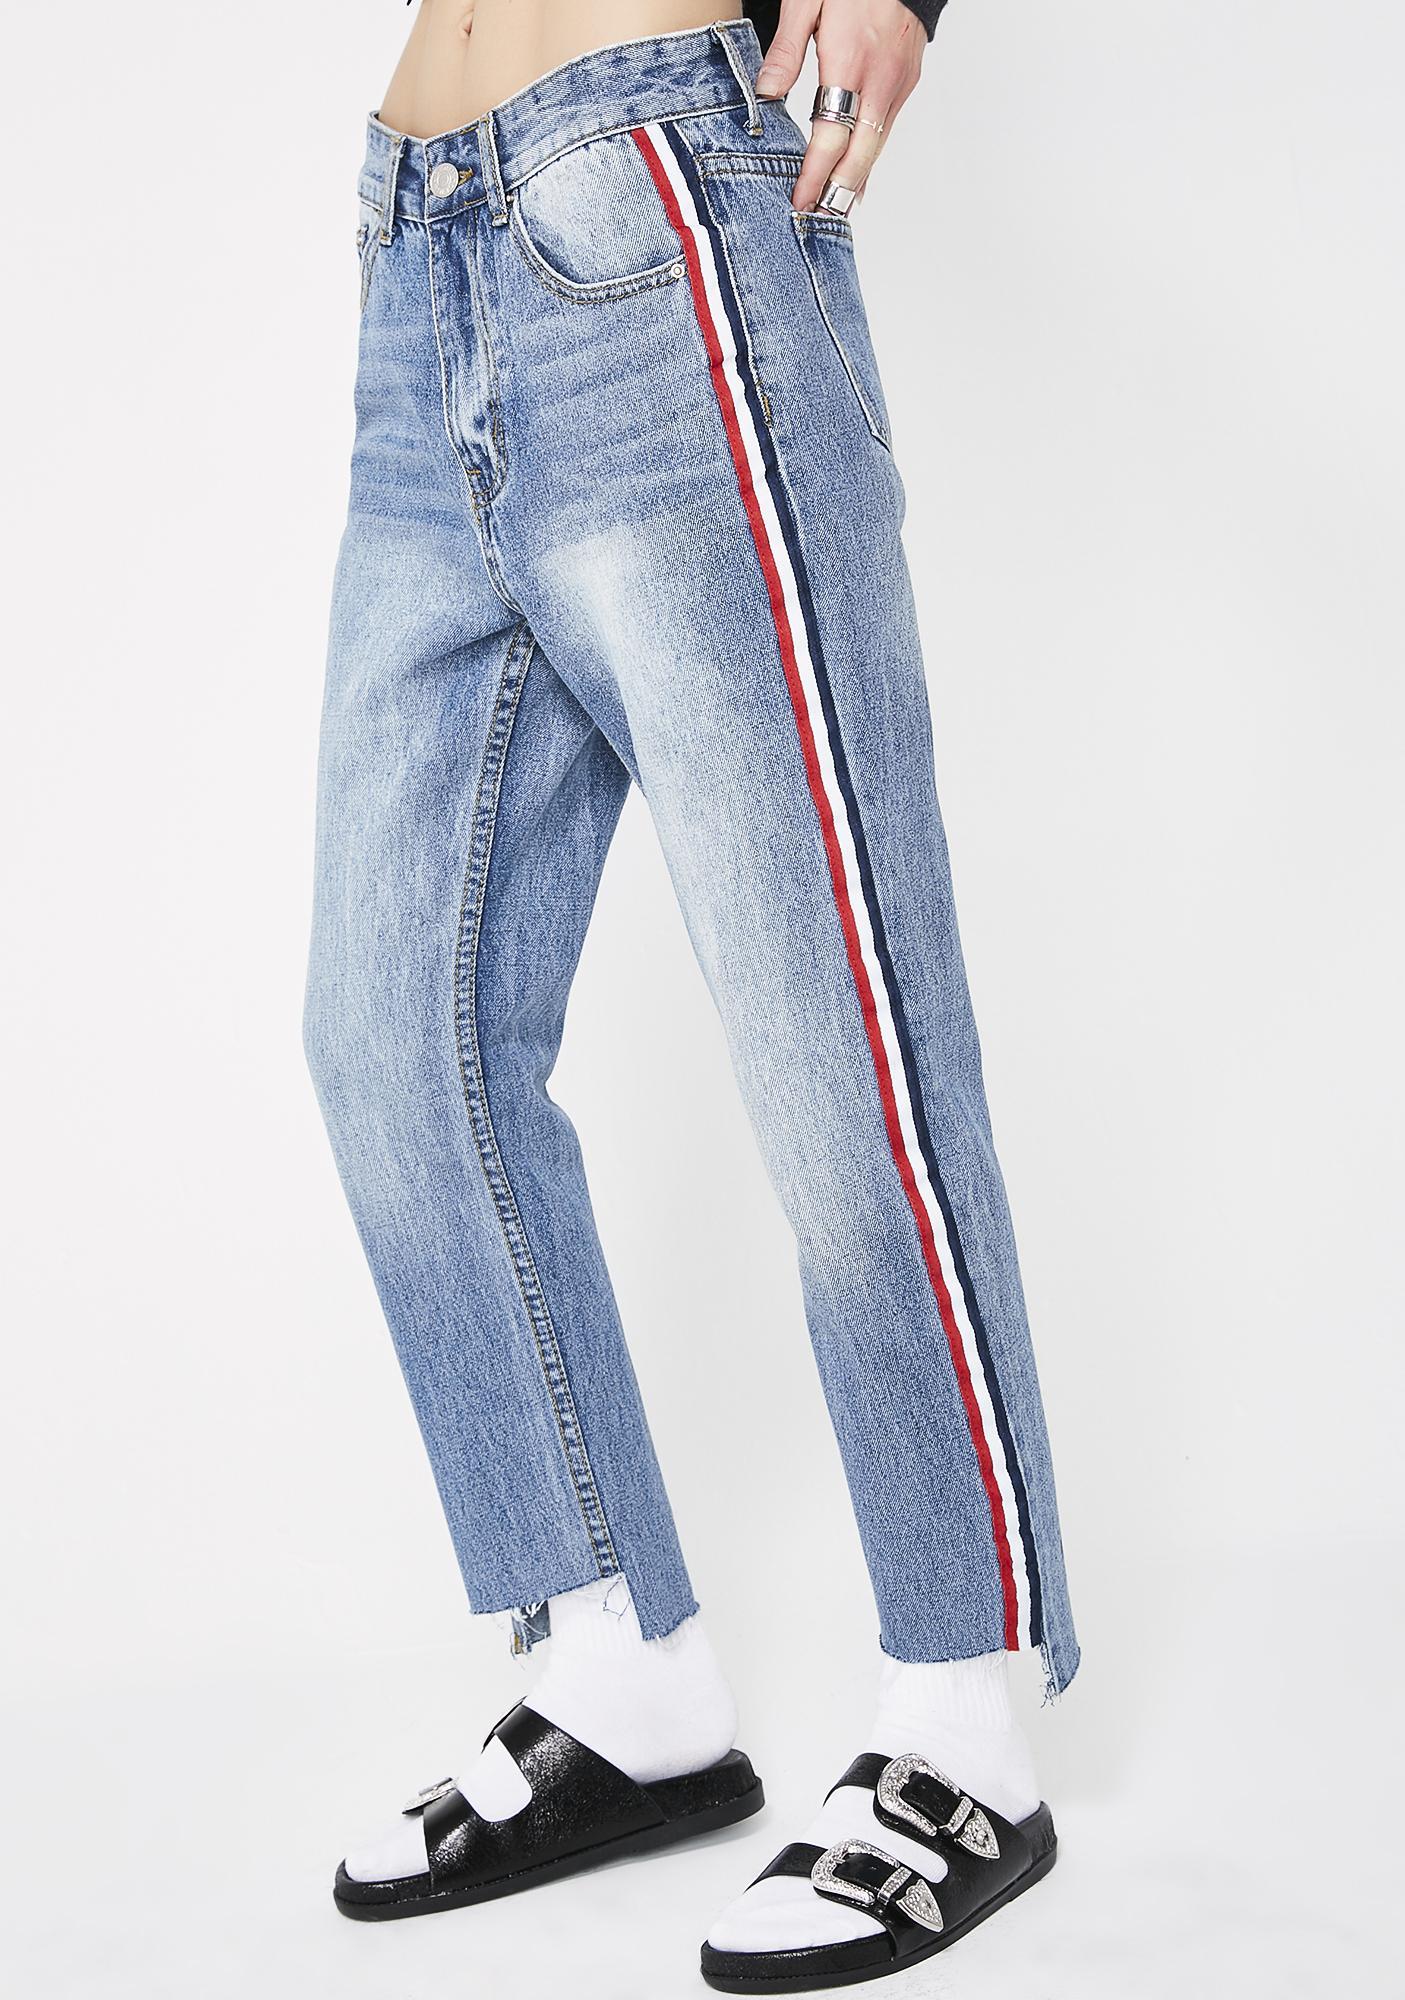 Momokrom Sport Stripe Boyfriend Jeans